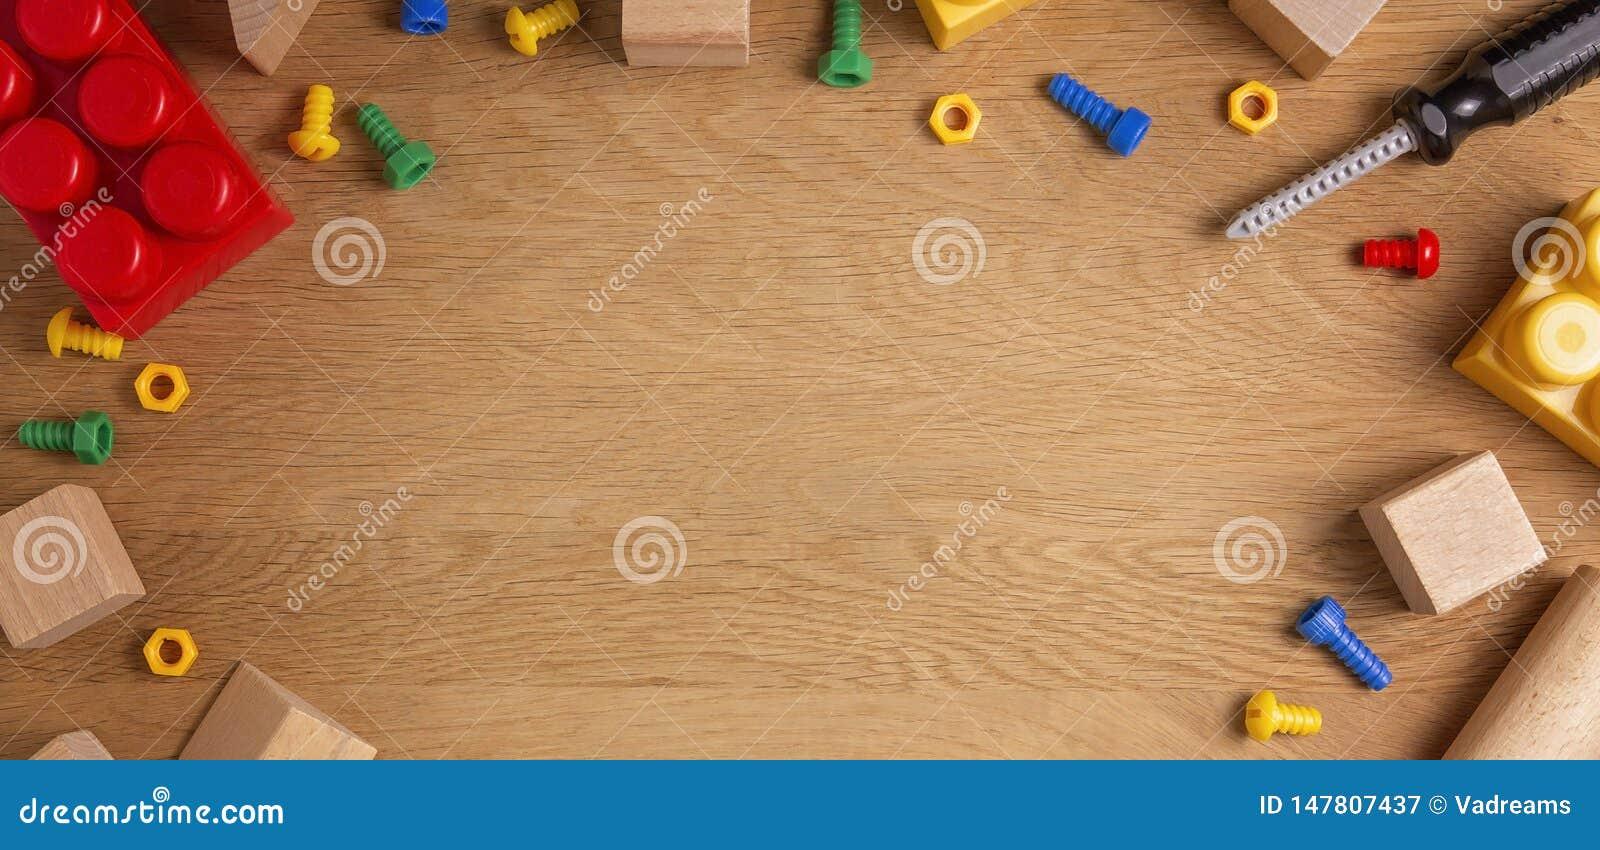 As crian?as brincam o fundo do quadro com ferramentas, blocos e cubos do brinquedo na tabela de madeira Vista superior